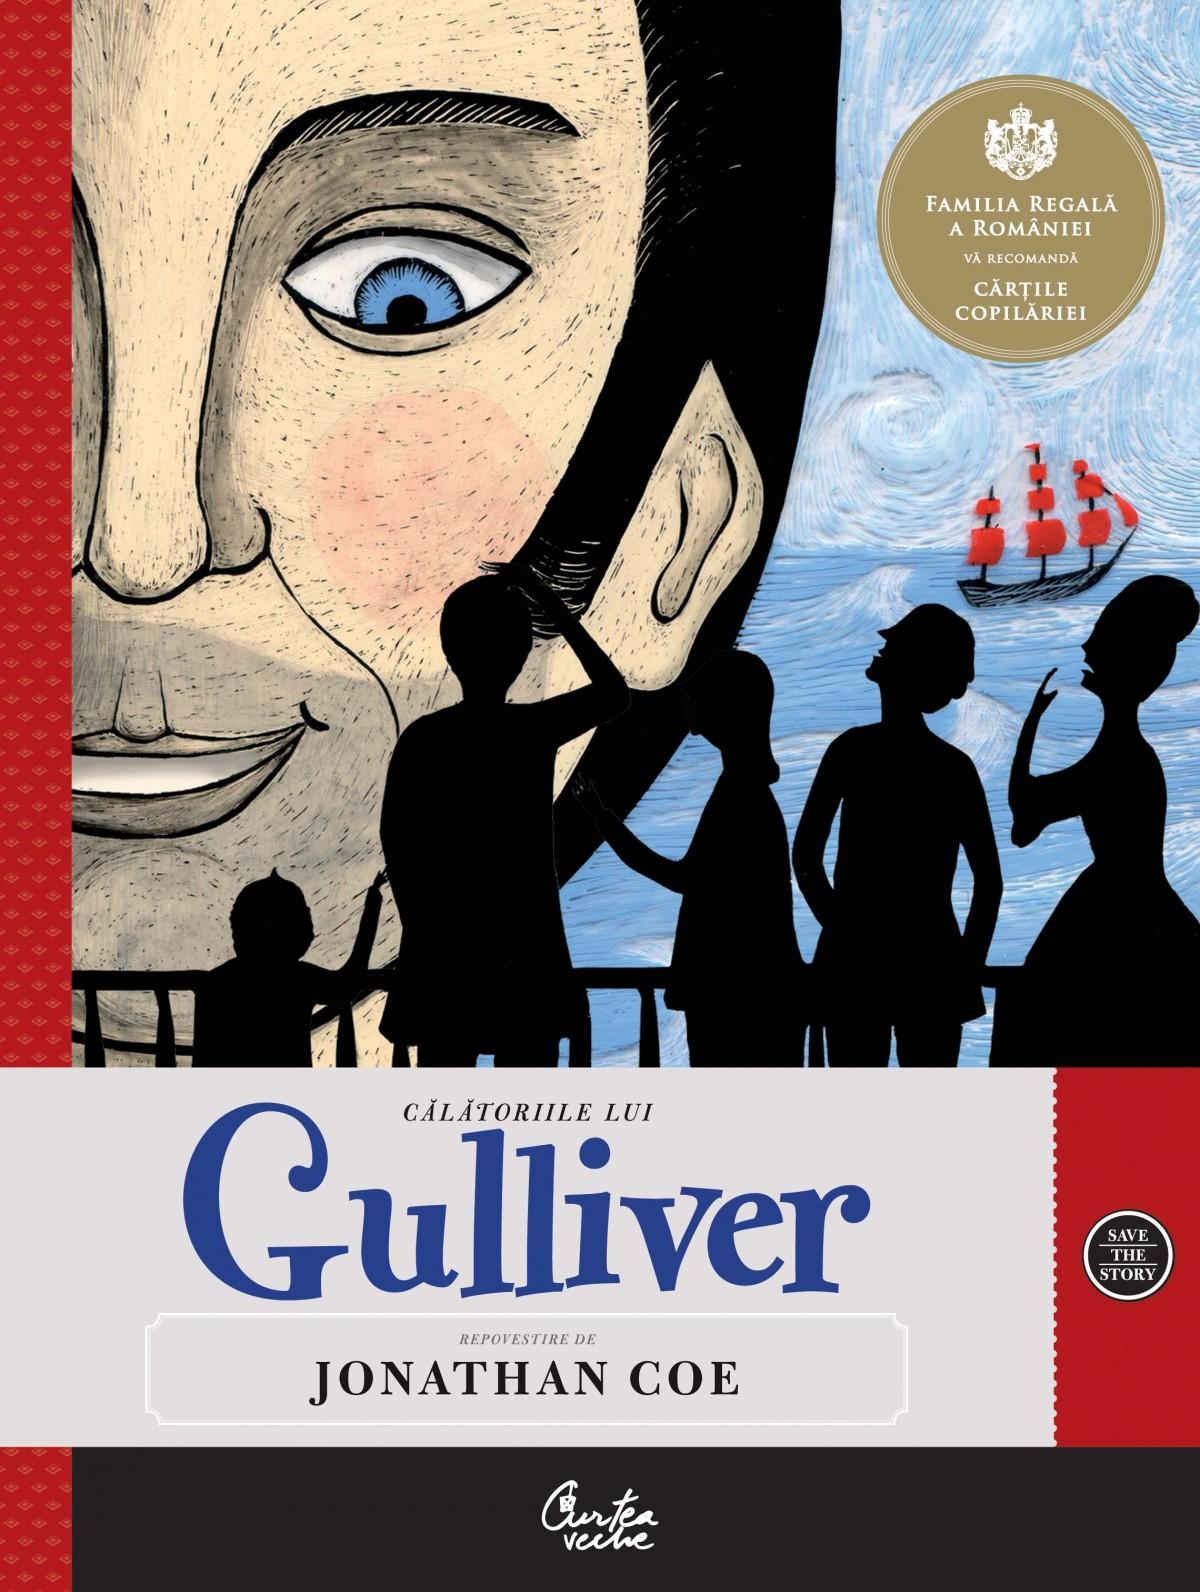 Călătoriile lui Gulliver (Repovestire de Jonathan Coe după romanul lui Jonathan Swift)